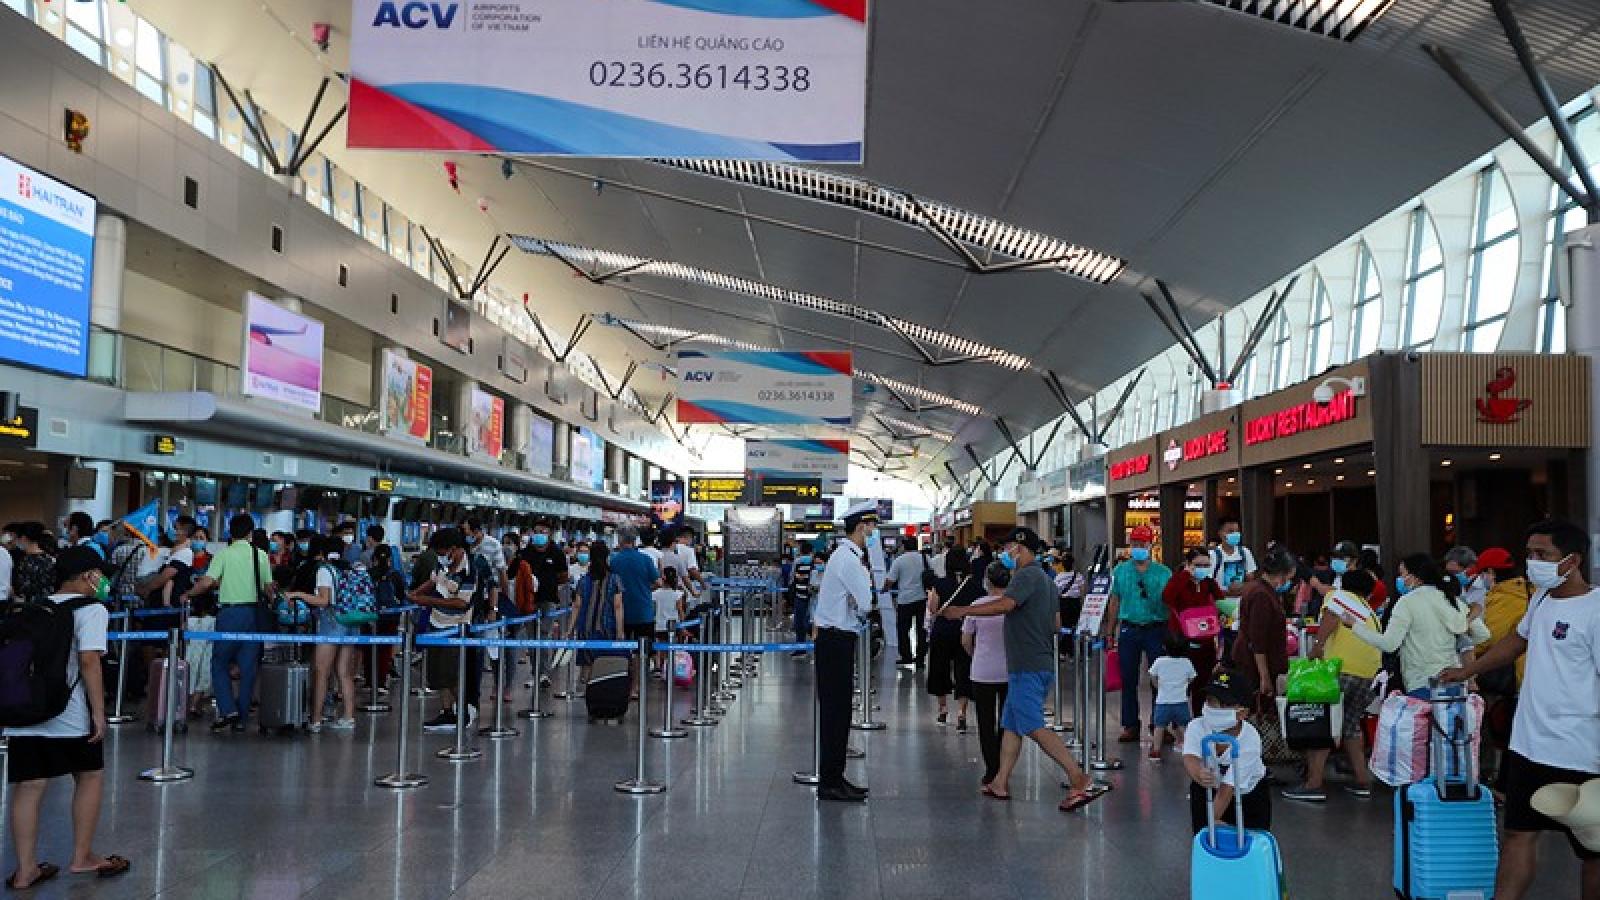 Vì sao Cục Hàng không yêu cầu dừng bán vé máy bay nội địa, trả lại tiền cho khách?